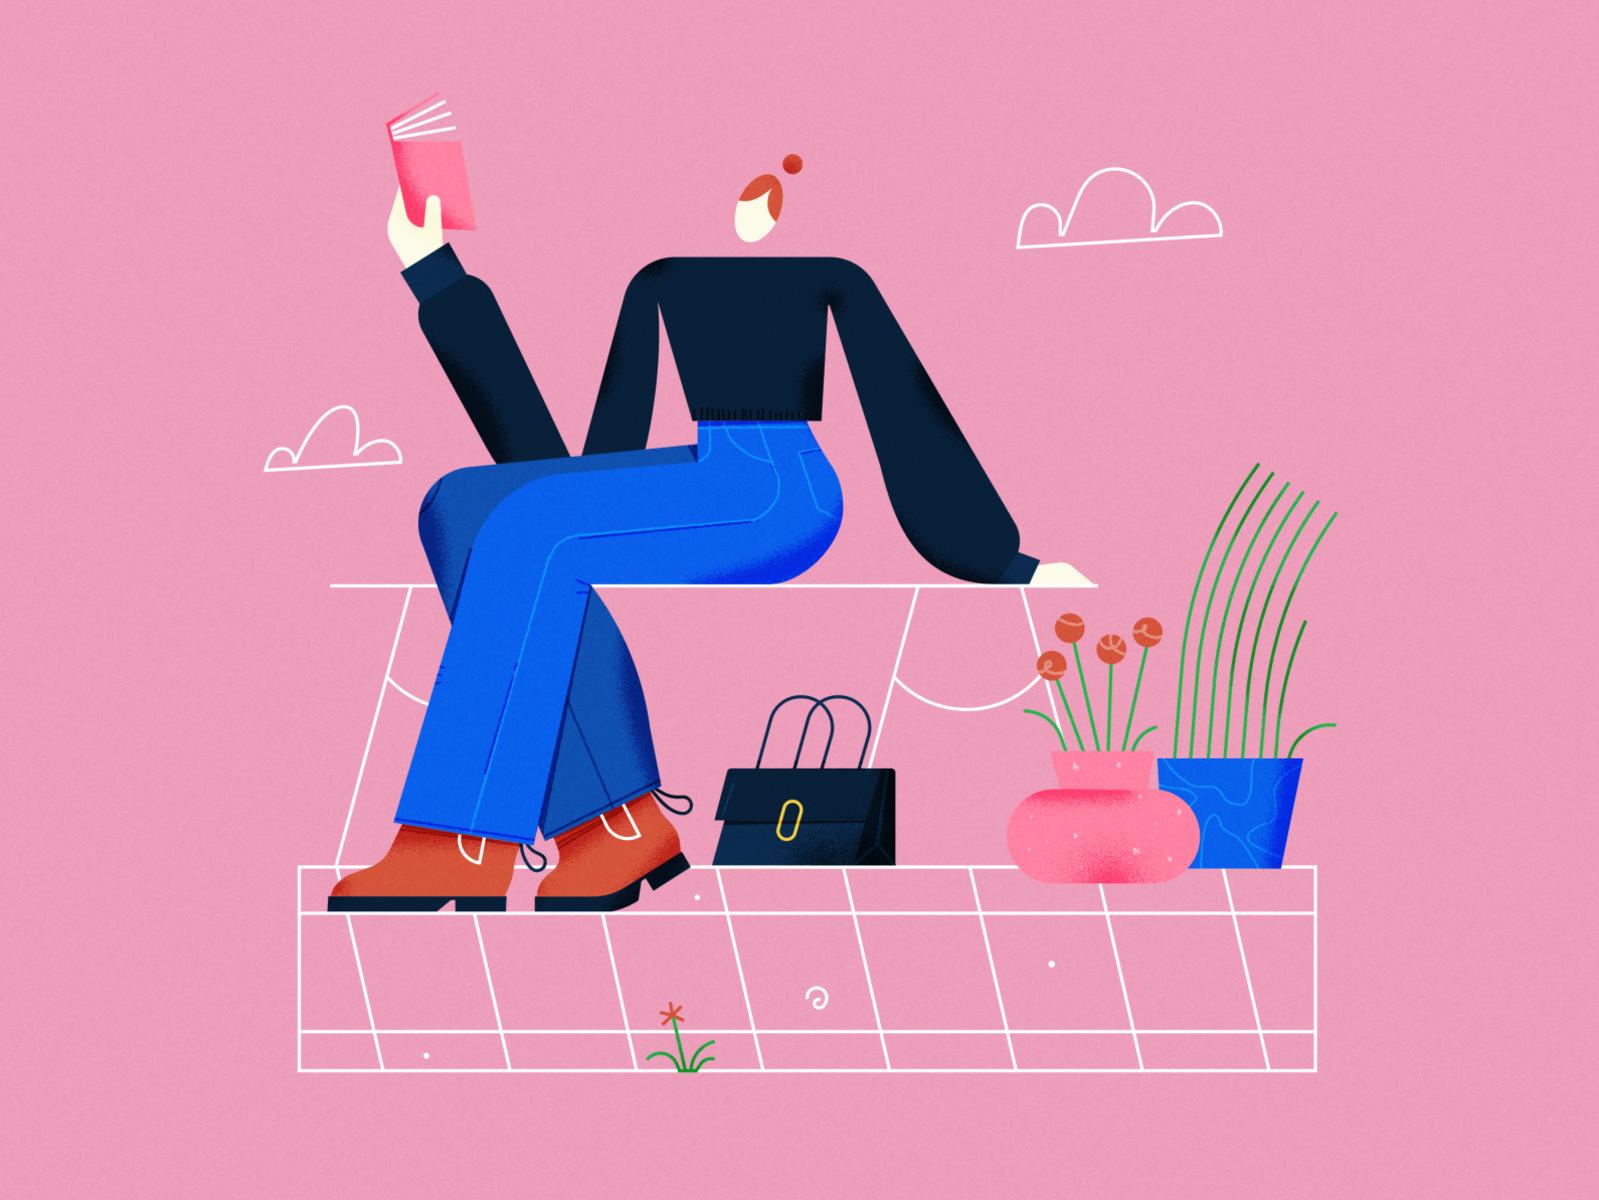 take a break, read a book by Frederique Matti